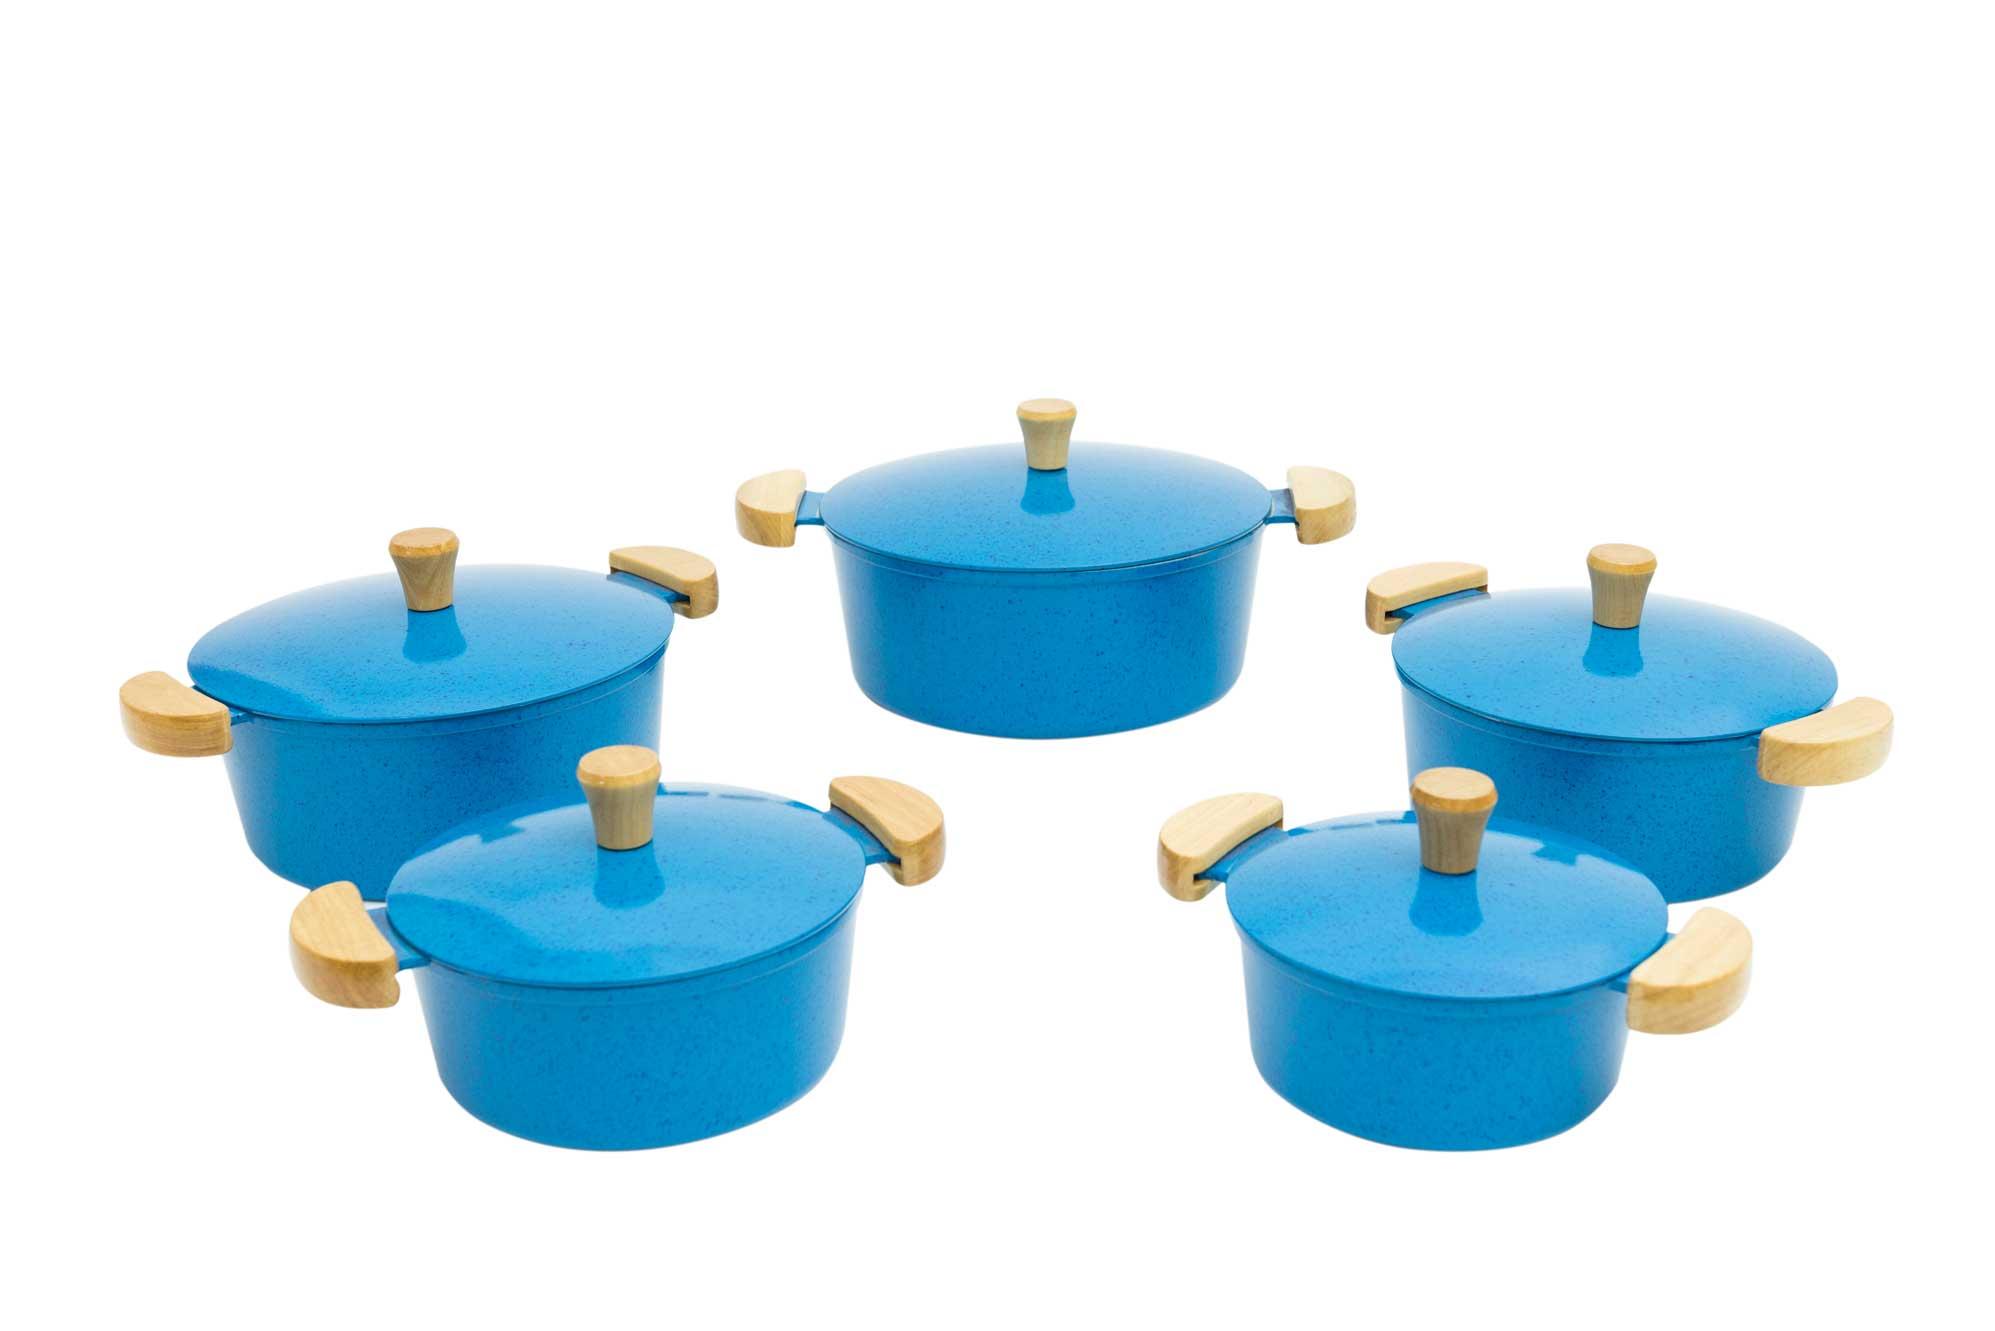 Jogo de Panelas em Alumínio Batido - Azul Mesclado